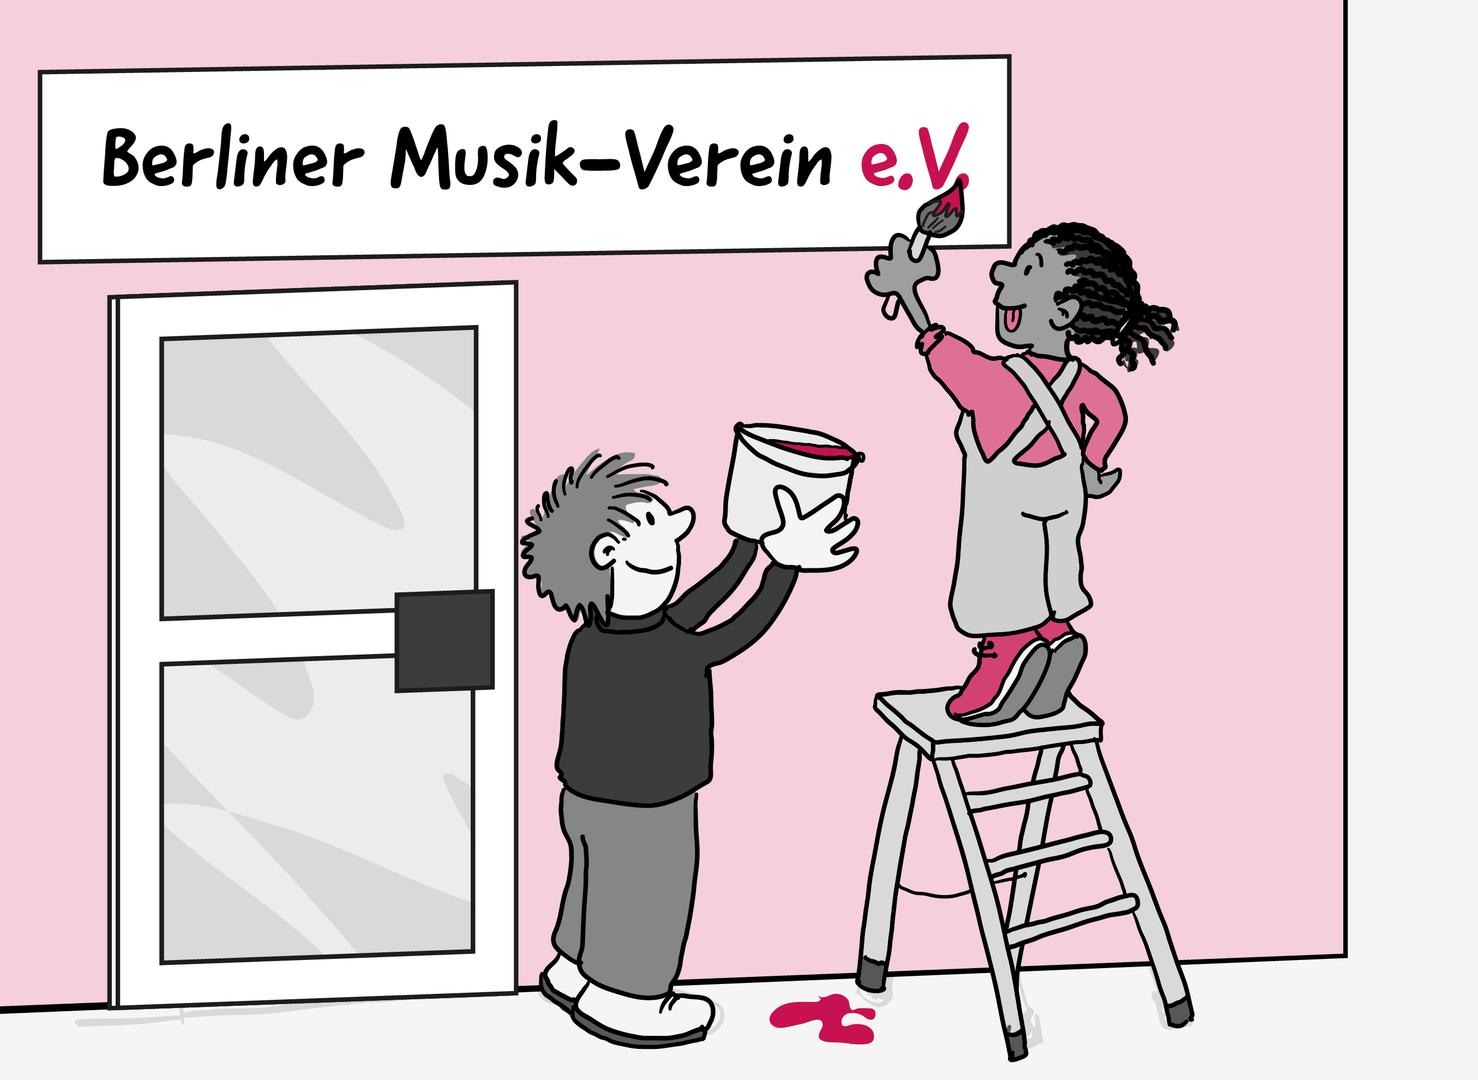 2 Personen arbeiten an einem großen Schild an der Außenwand von einem Haus. Die Person links hält einen Farbeimer in die Höhe. Die Person rechts streckt sich auf einer Leiter zum Schild. Sie vollendet mit dem Pinsel gerade den letzten pinken Punkt. Auf dem Schild steht in schwarzer Farbe: Berliner Musik-Verein. In pink steht dahinter: e.V.